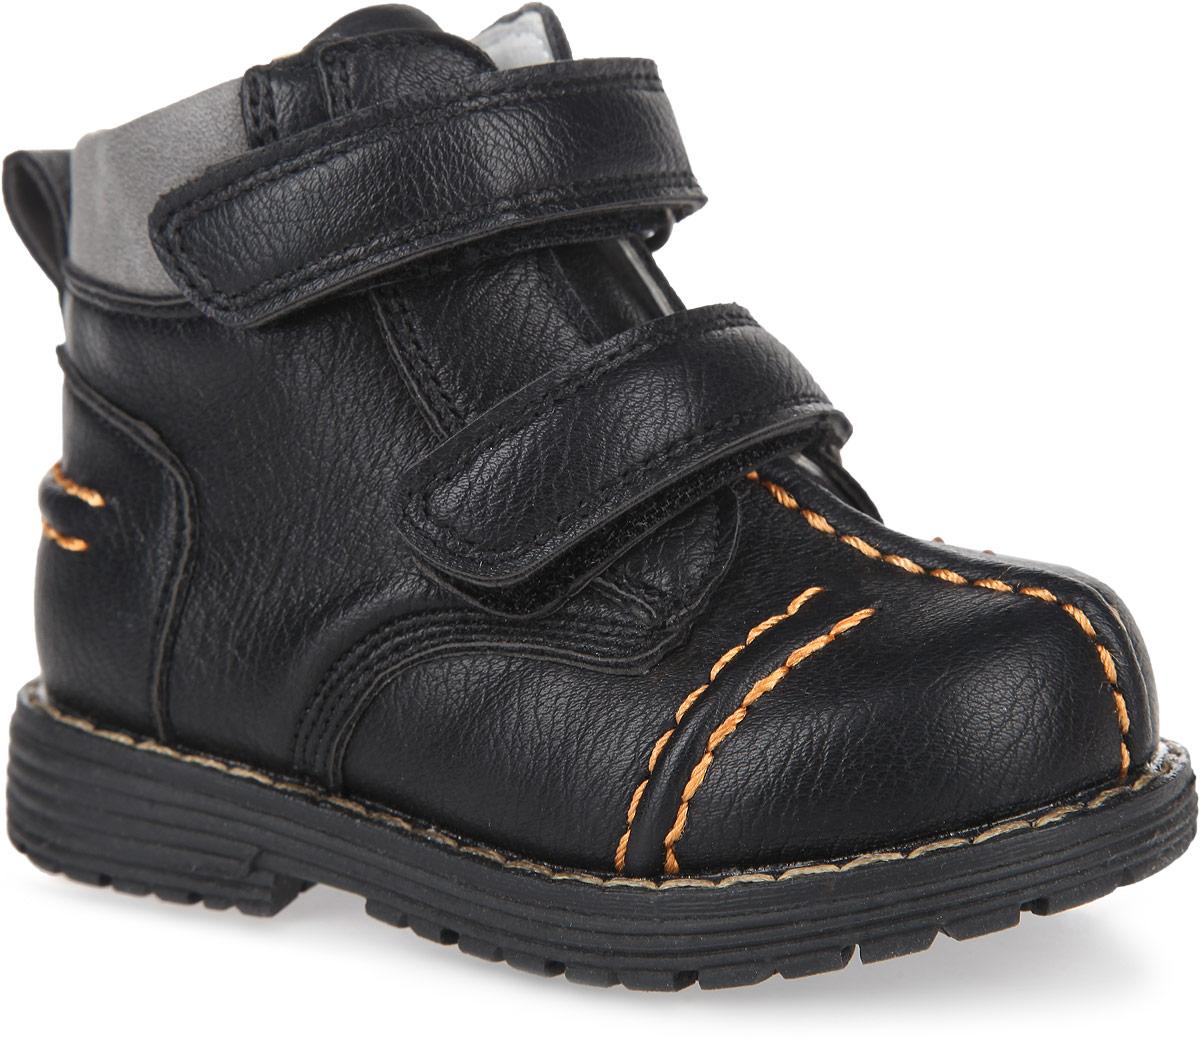 Ботинки167207Модные ботинки от PlayToday заинтересуют вашего мальчика с первого взгляда. Модель, выполненная из искусственной кожи, оформлена внешними декоративными швами, вдоль ранта - контрастной прострочкой. Ремешки с застежками-липучками гарантируют надежную фиксацию модели на ноге. Боковая застежка-молния позволяет легко снимать и обувать модель. Ярлычок облегчает обувание модели. Внутренняя поверхность из натуральной кожи и стелька EVA с поверхностью из натуральной кожи комфортны при ходьбе. Стелька дополнена супинатором с перфорацией, который обеспечивает правильное положение ноги ребенка при ходьбе, предотвращает плоскостопие. Рифление на подошве обеспечивает отличное сцепление с любыми поверхностями. Чудесные ботинки займут достойное место в гардеробе вашего мальчика.